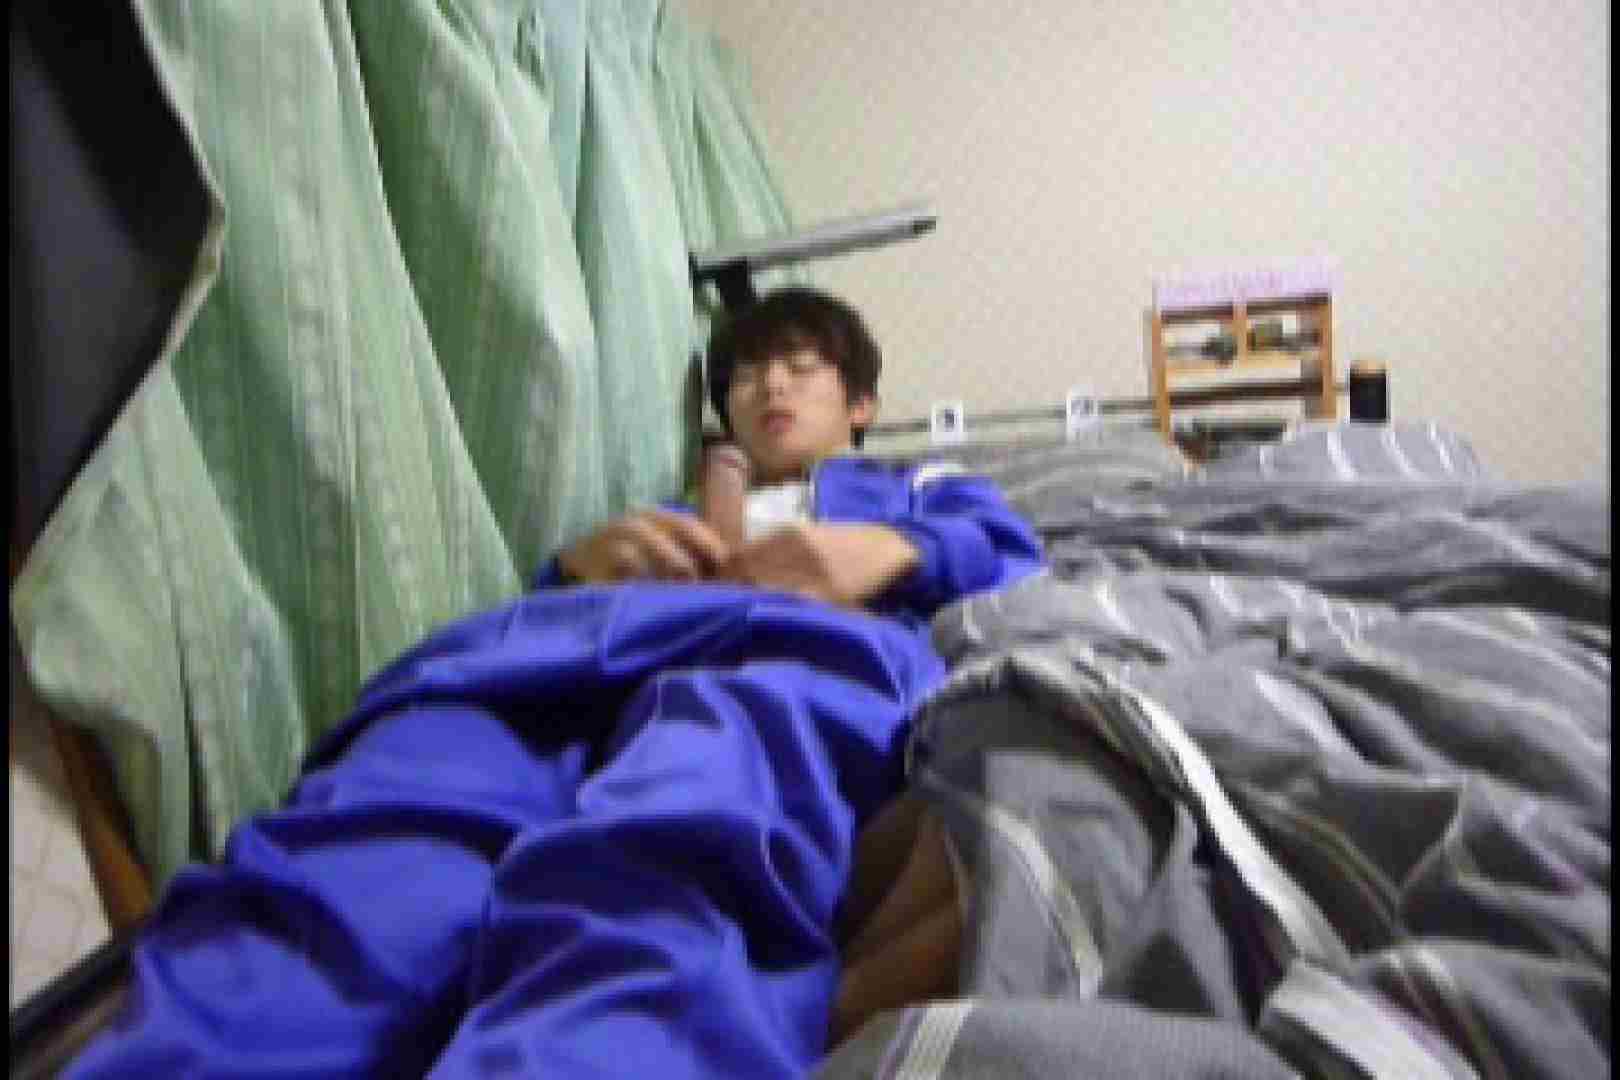 オナ好きノンケテニス部員の自画撮り投稿vol.06 受け  94pic 54